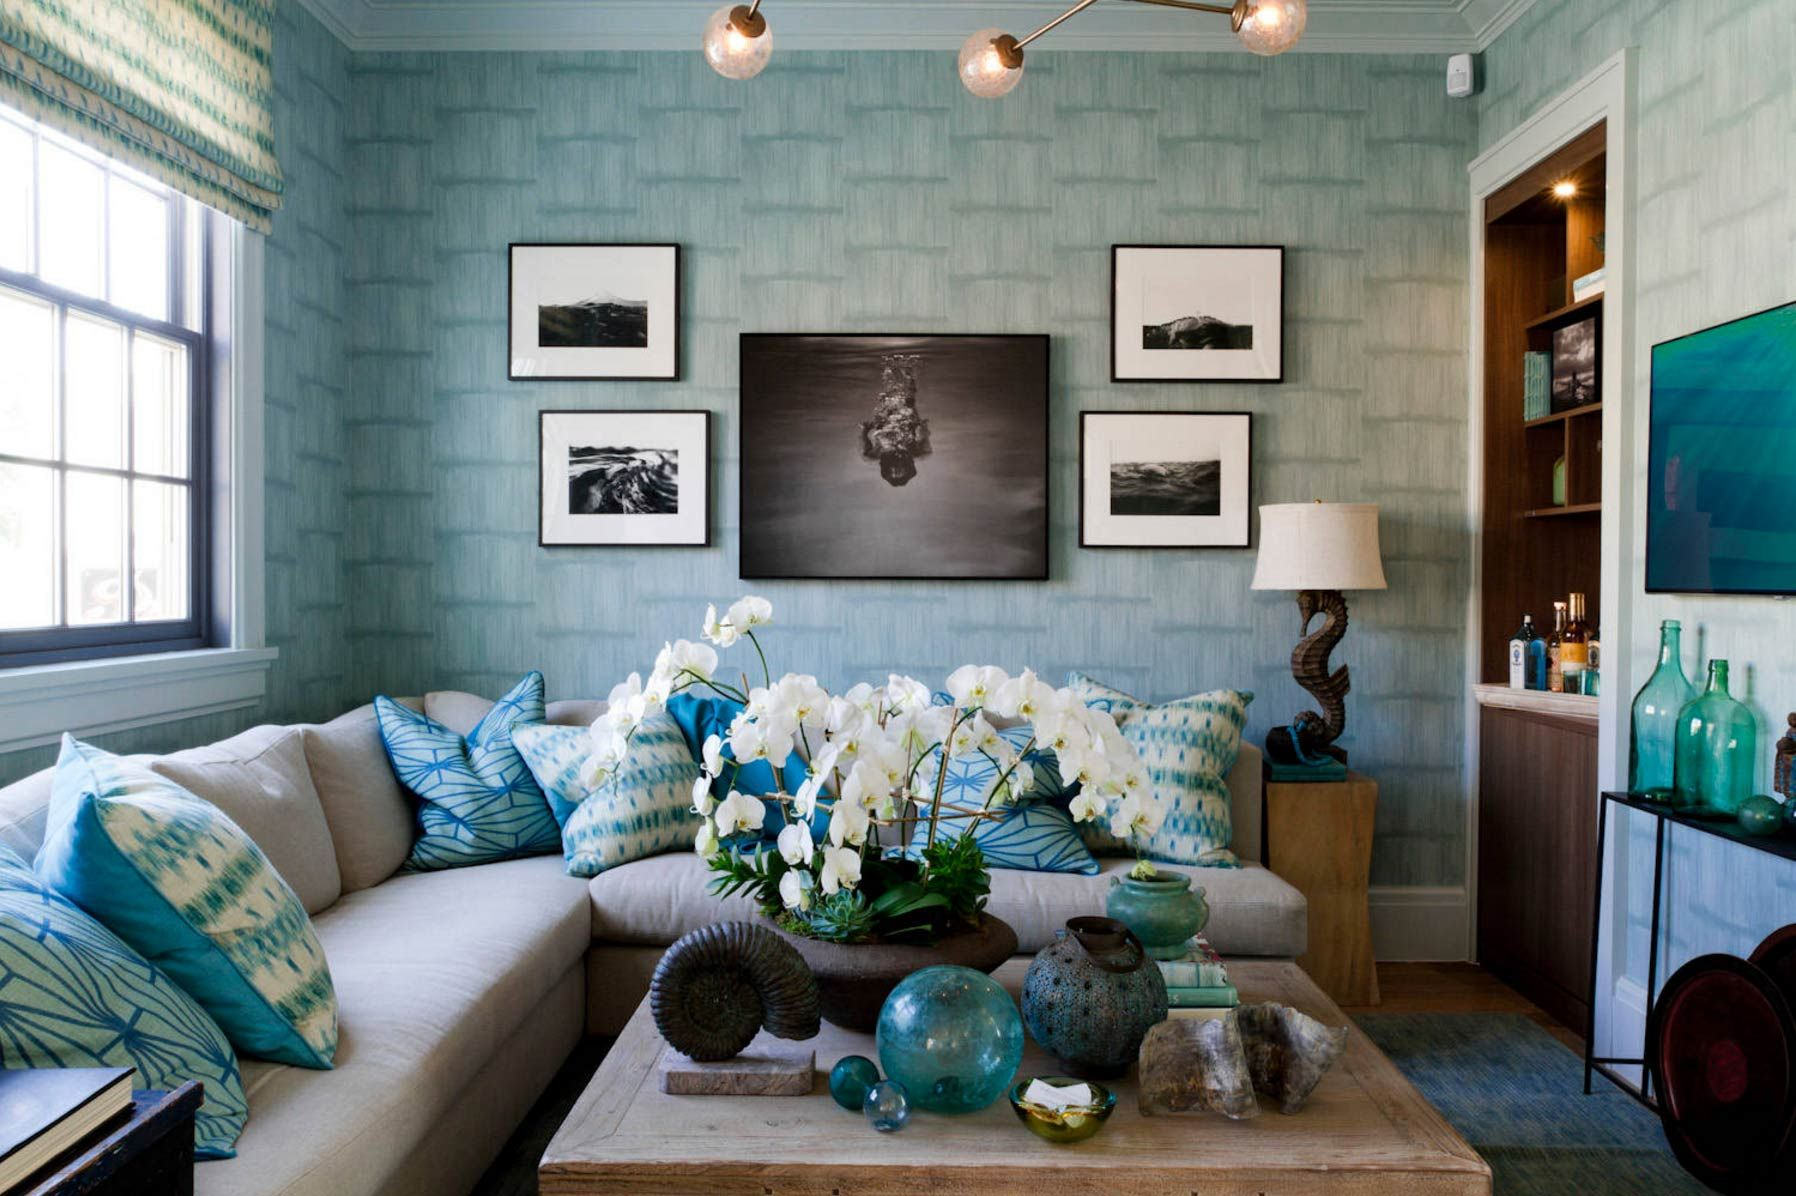 Sky Blue Raum Farbe Design Blaue Wohnzimmer Dekor Hellblaue Wande